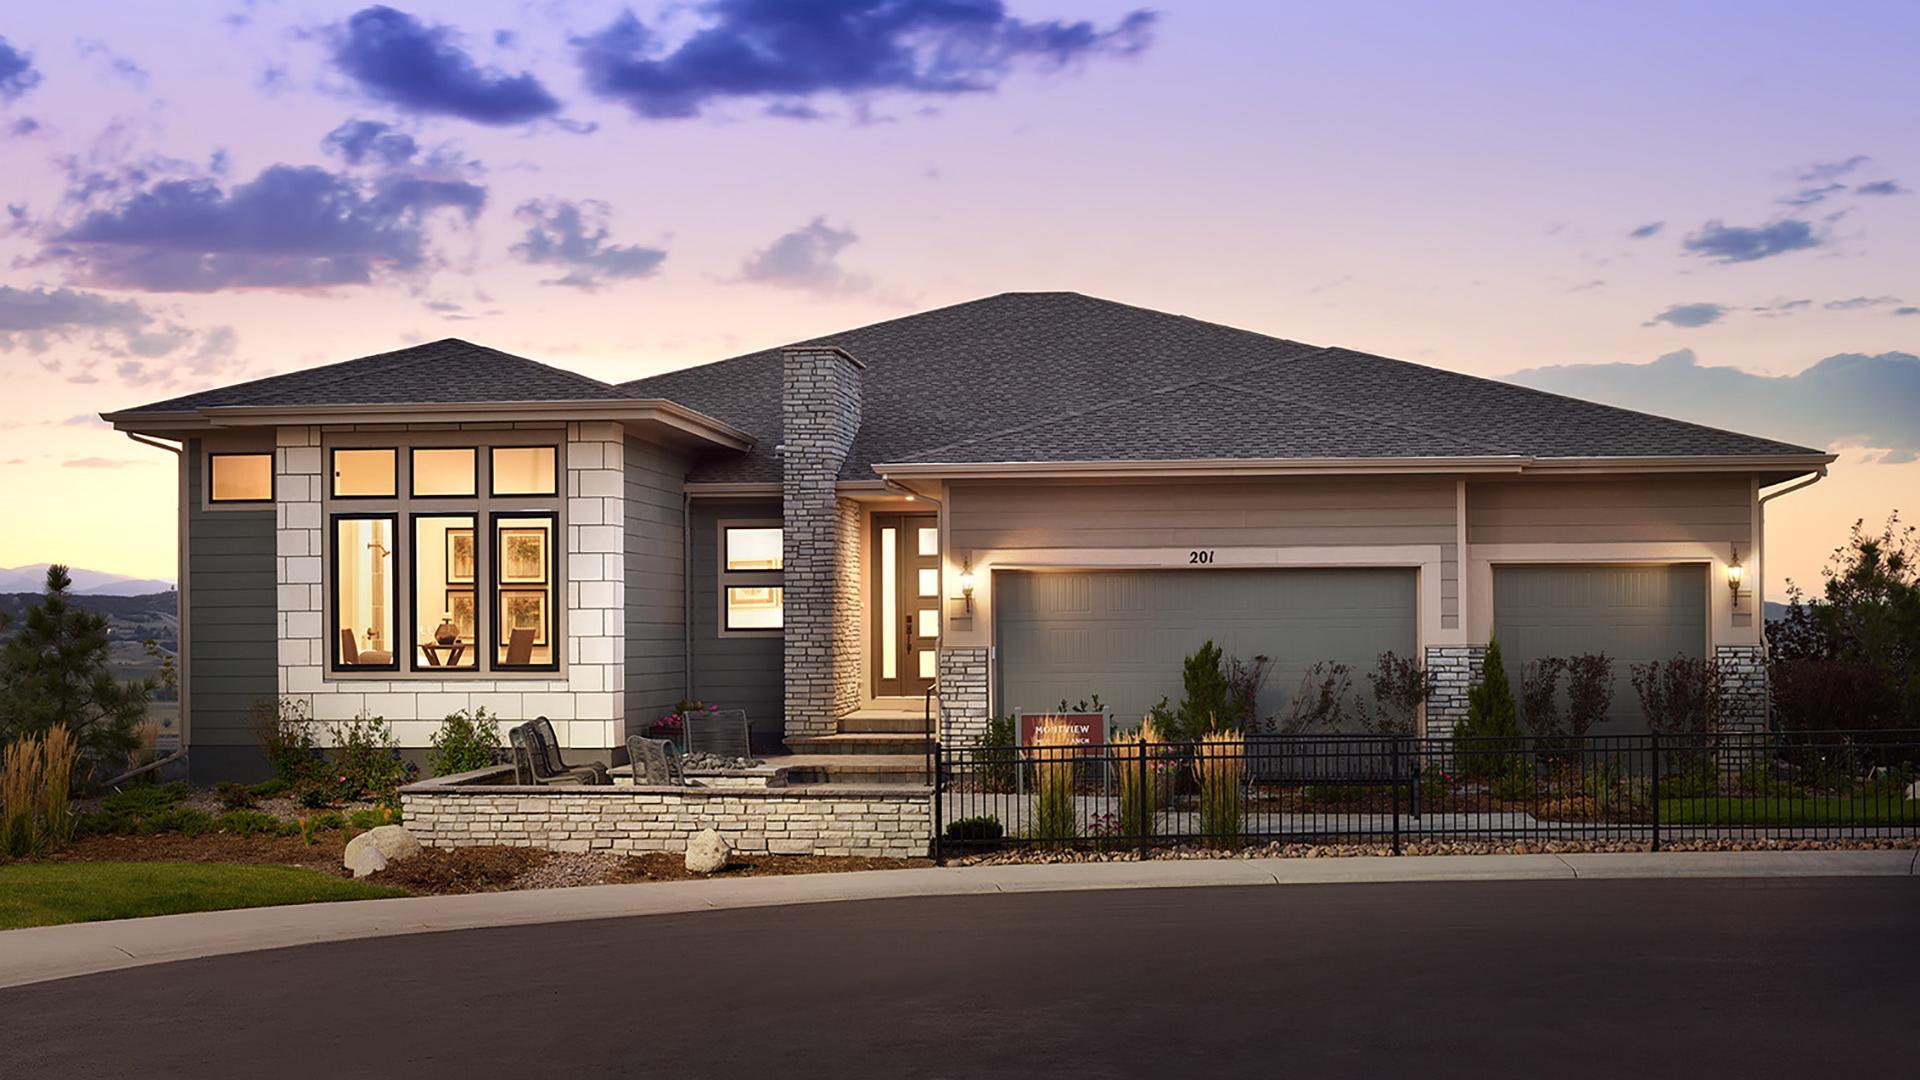 Montview Modern Ranch exterior